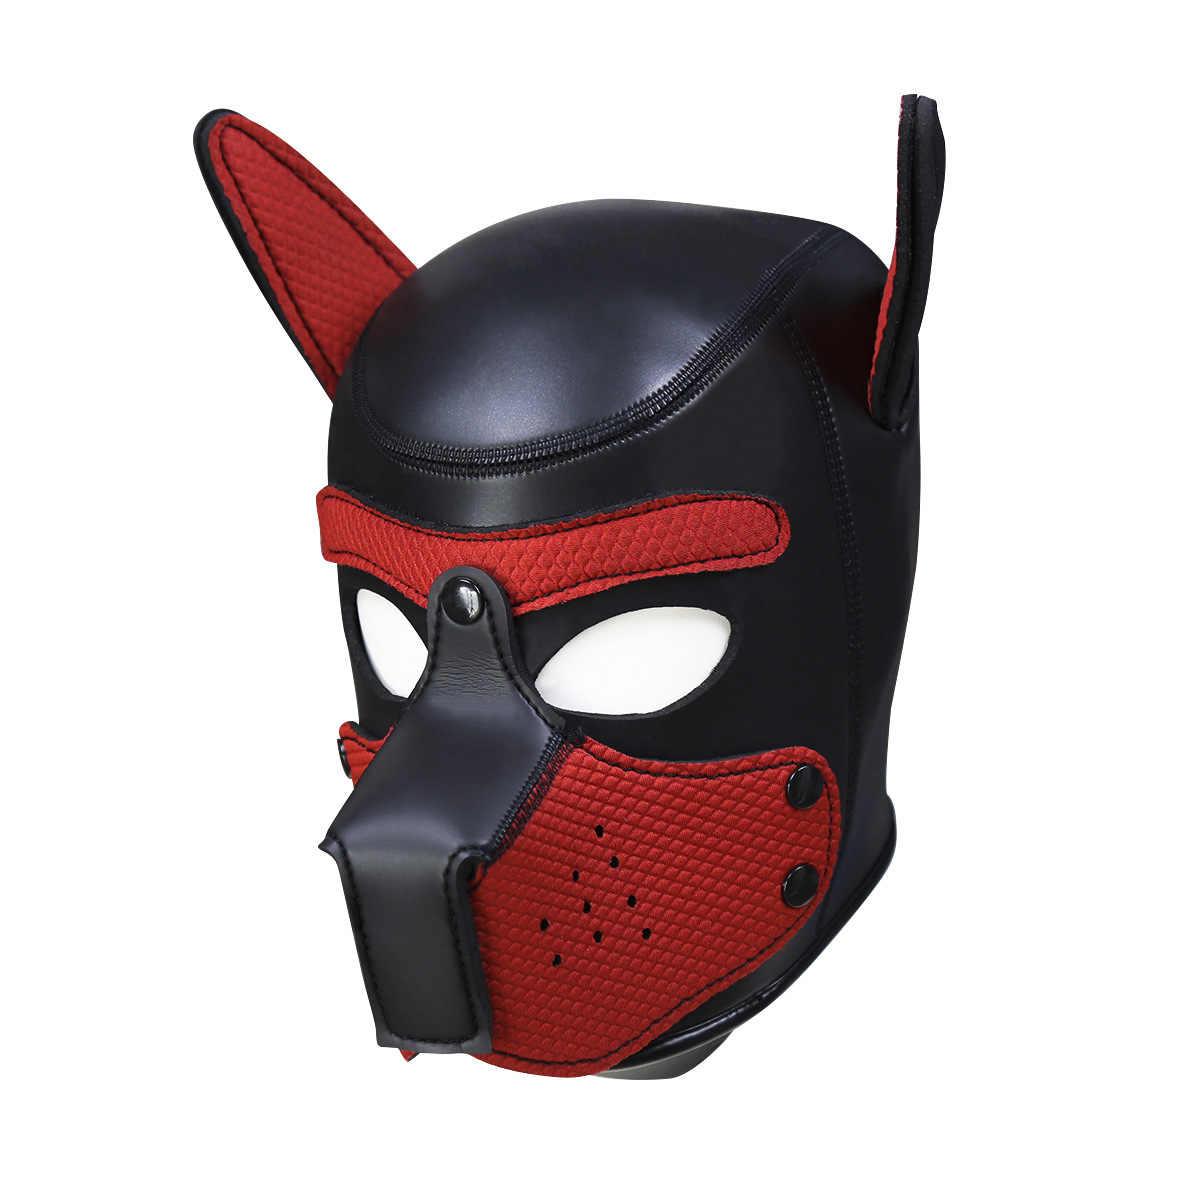 Budak Empuk Karet Lateks Anjing Kerudung untuk BDSM Diikat Anjing Cosplay Erotis Masker Kostum untuk Seks keintiman Barang untuk Pasangan Menggoda